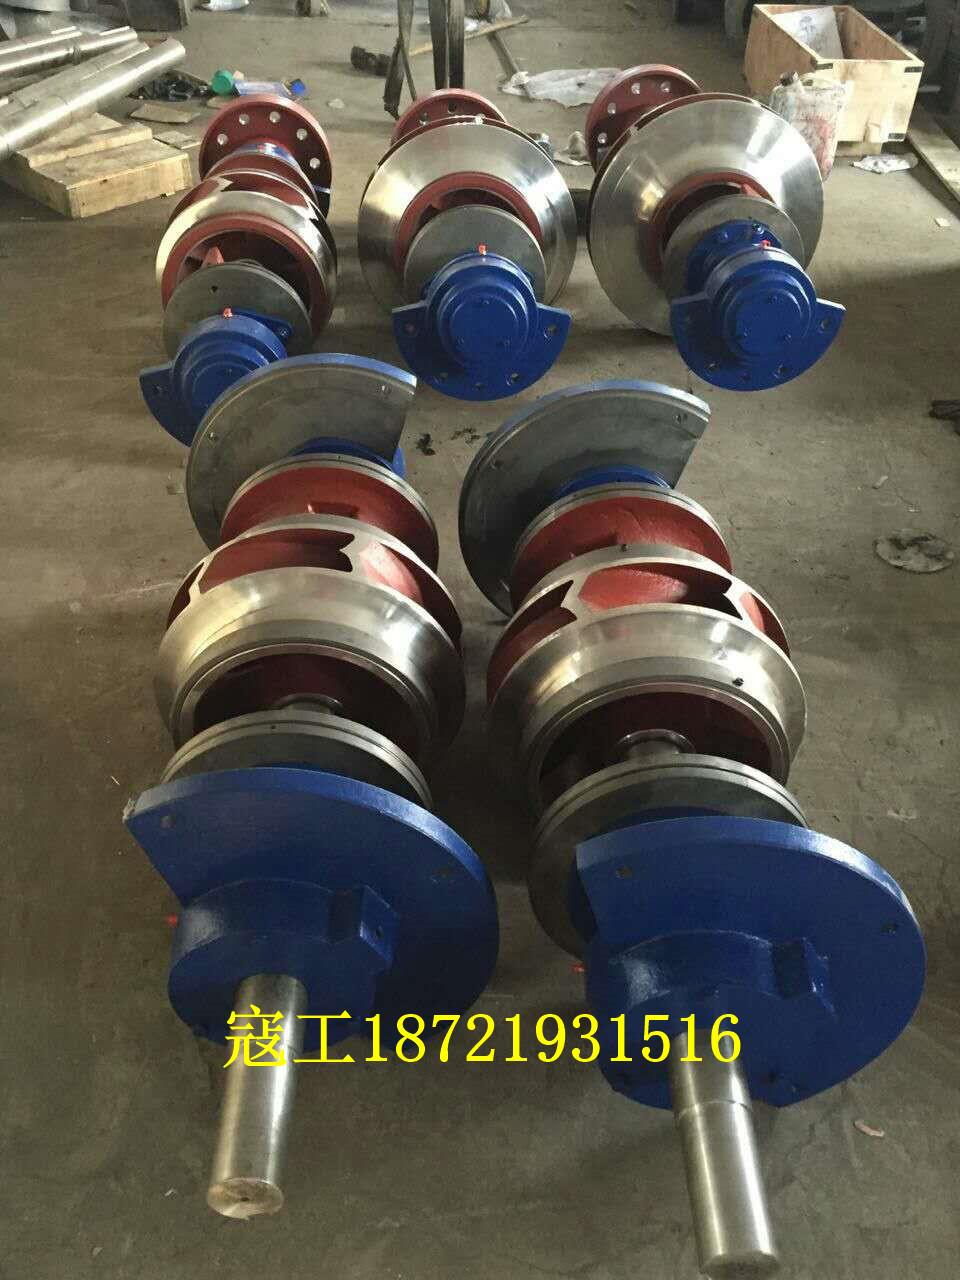 上海凯泉KQSN东方DFSS连成SLOW水泵叶轮机封青海西宁海东海北海南海西销售